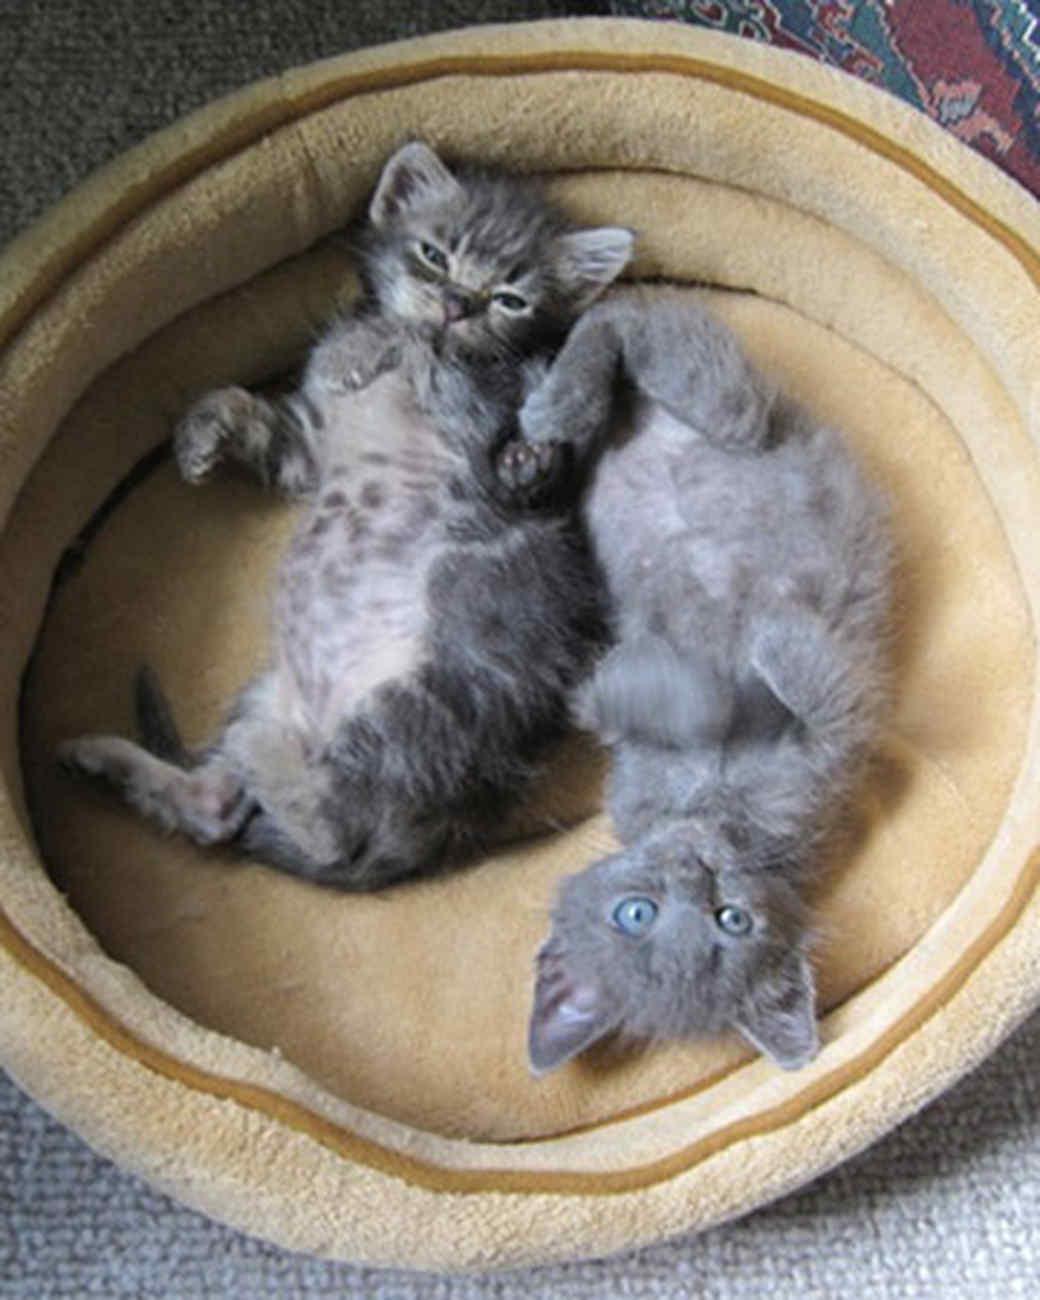 pets_kittens_0610_9552289_19342078.jpg